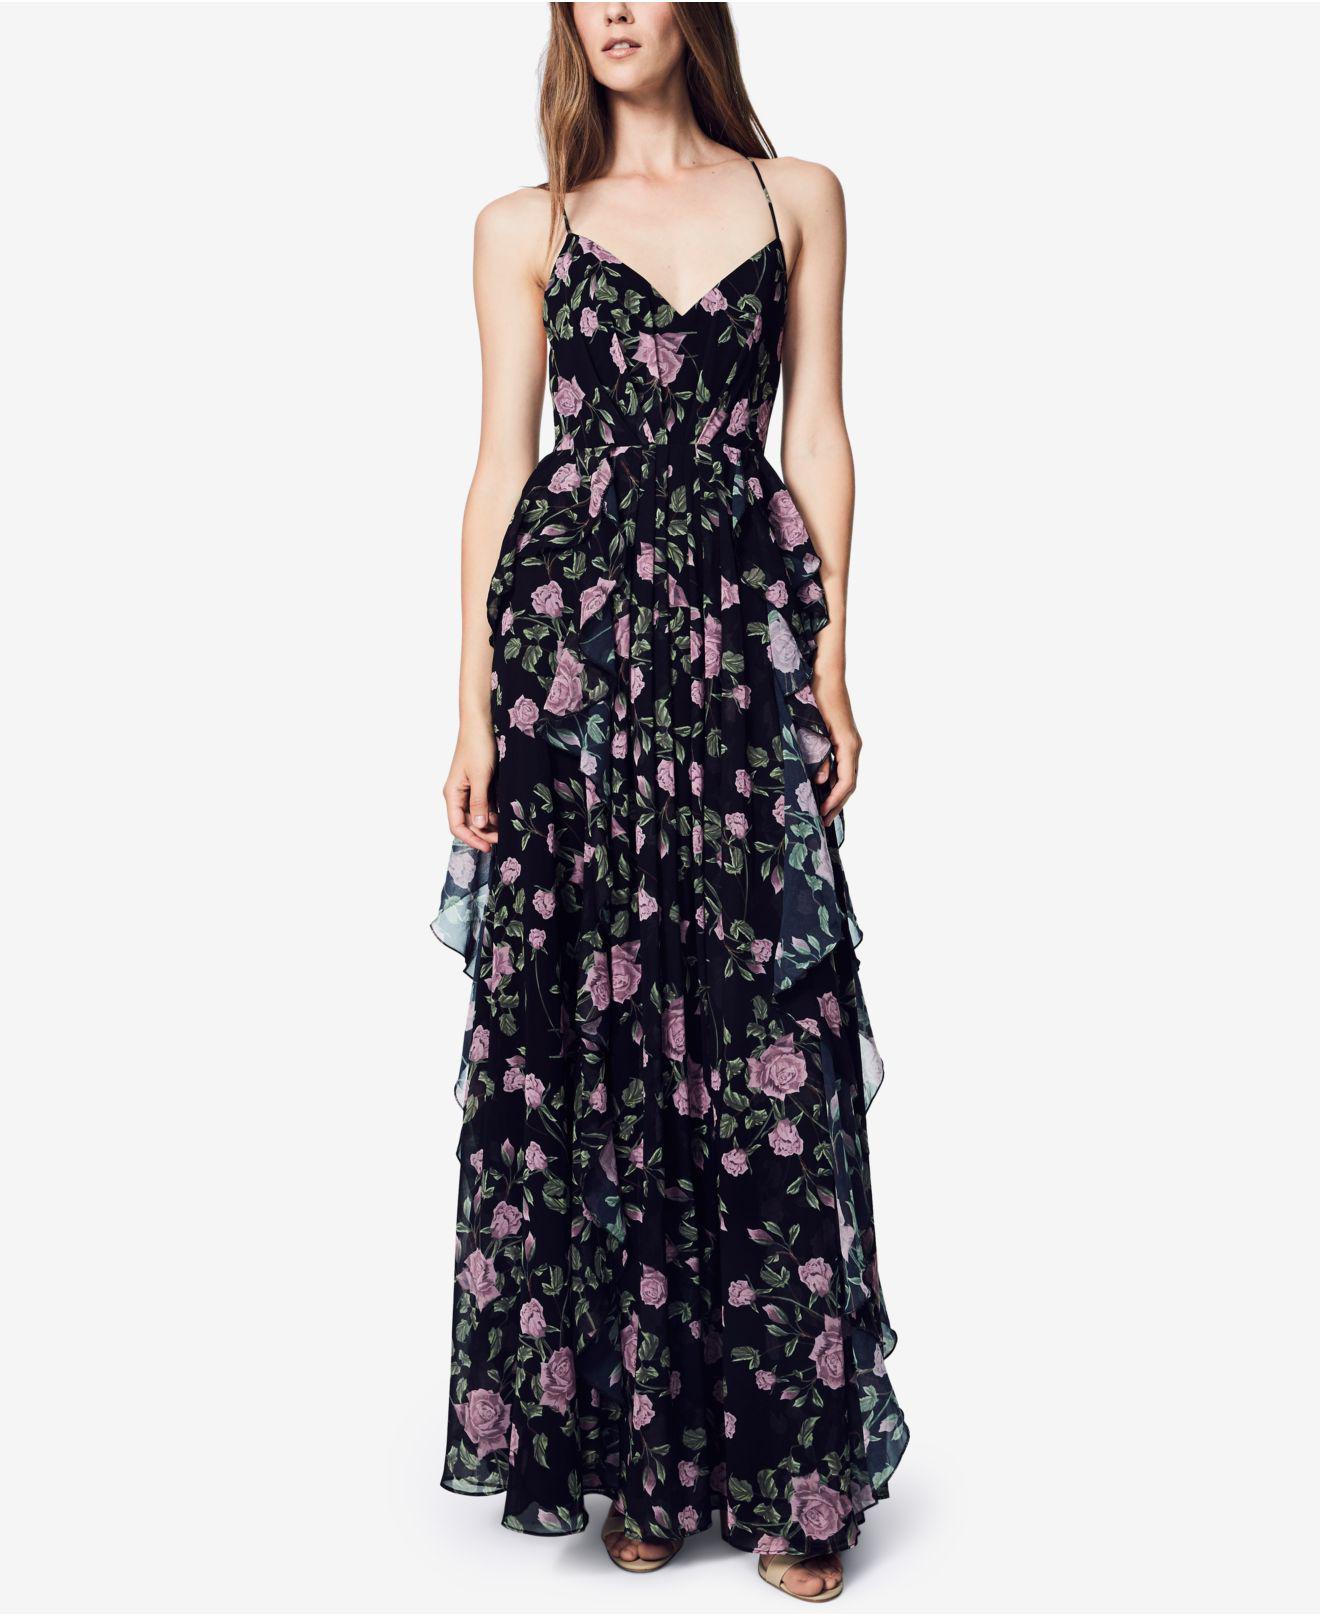 Alexis miranda strapless maxi dress